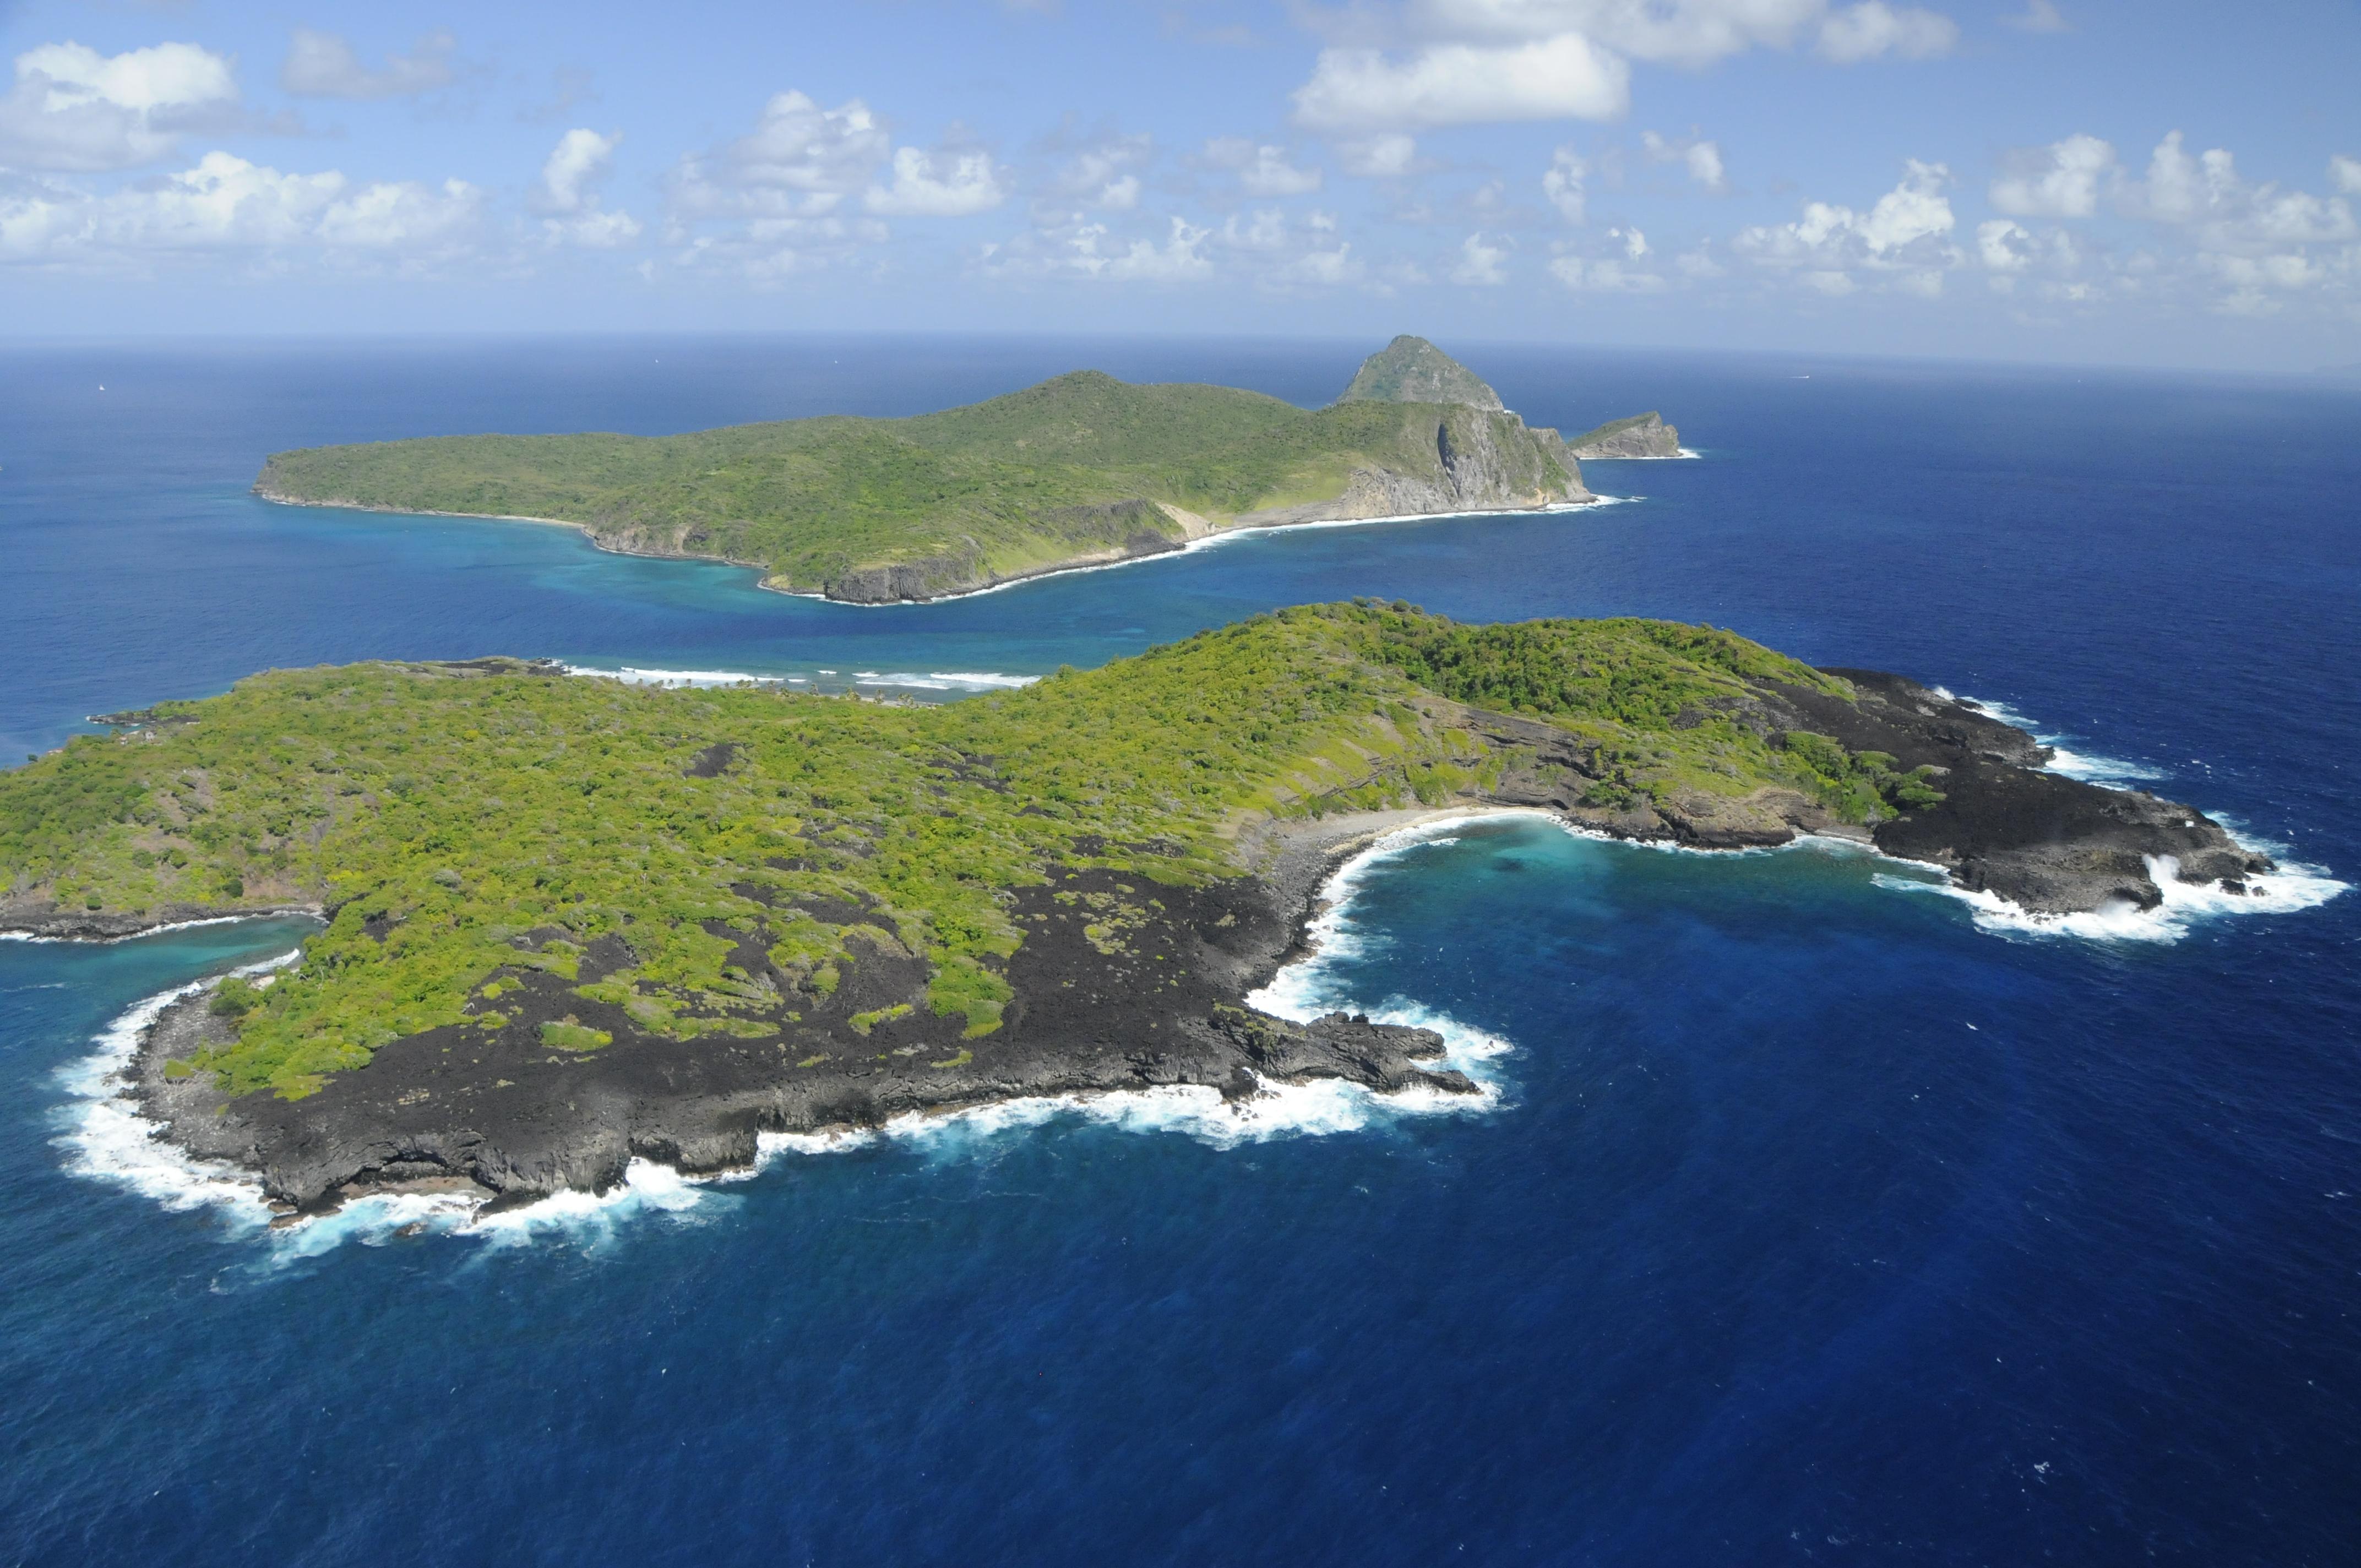 Ile de Caille - Grenada, Caribbean - Private Islands for Sale